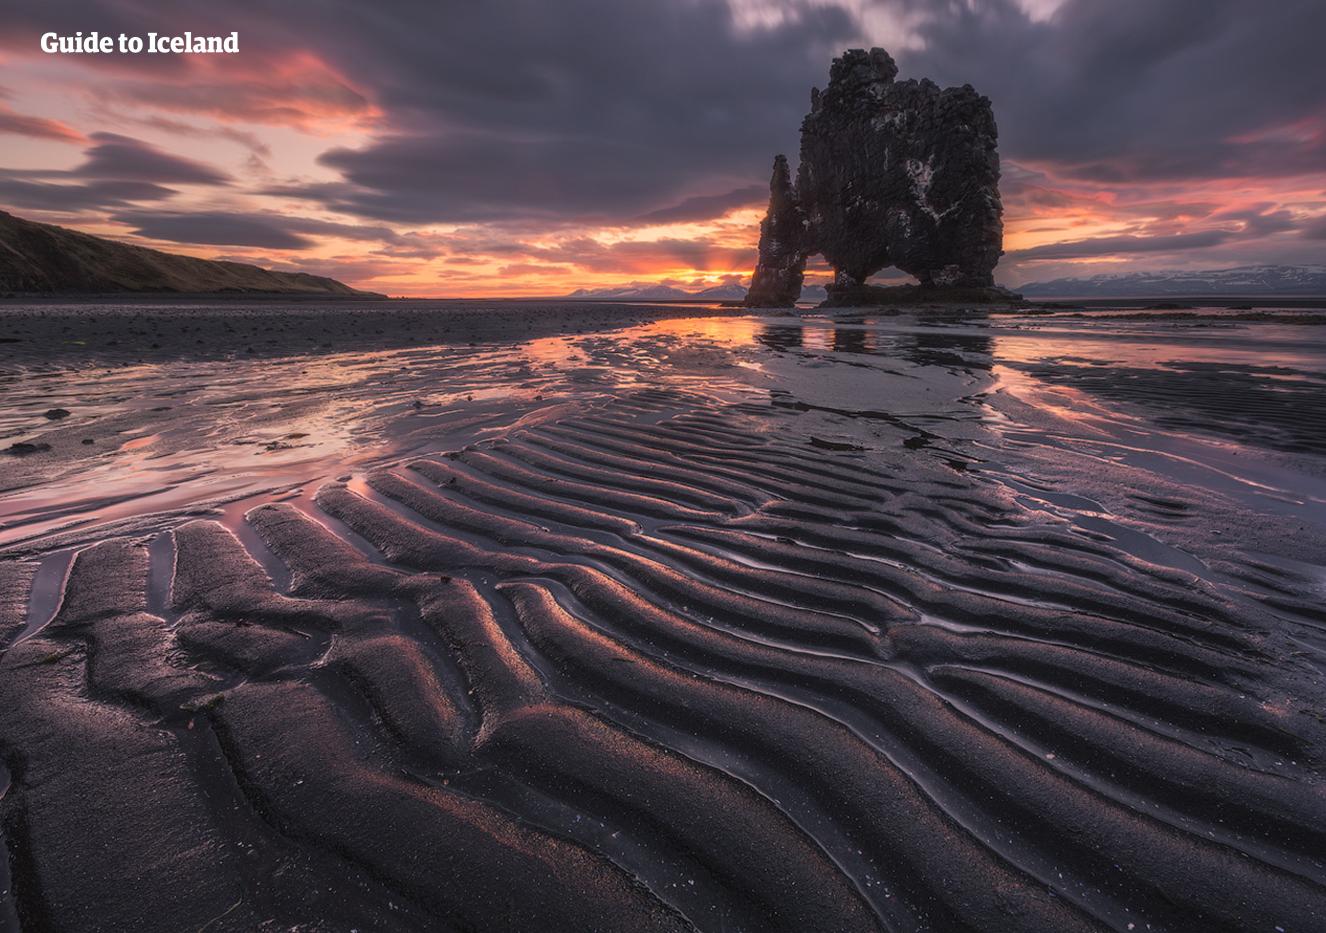 북서부 아이슬란드 바트스네스 반도의 크비트세르쿠르 바위.